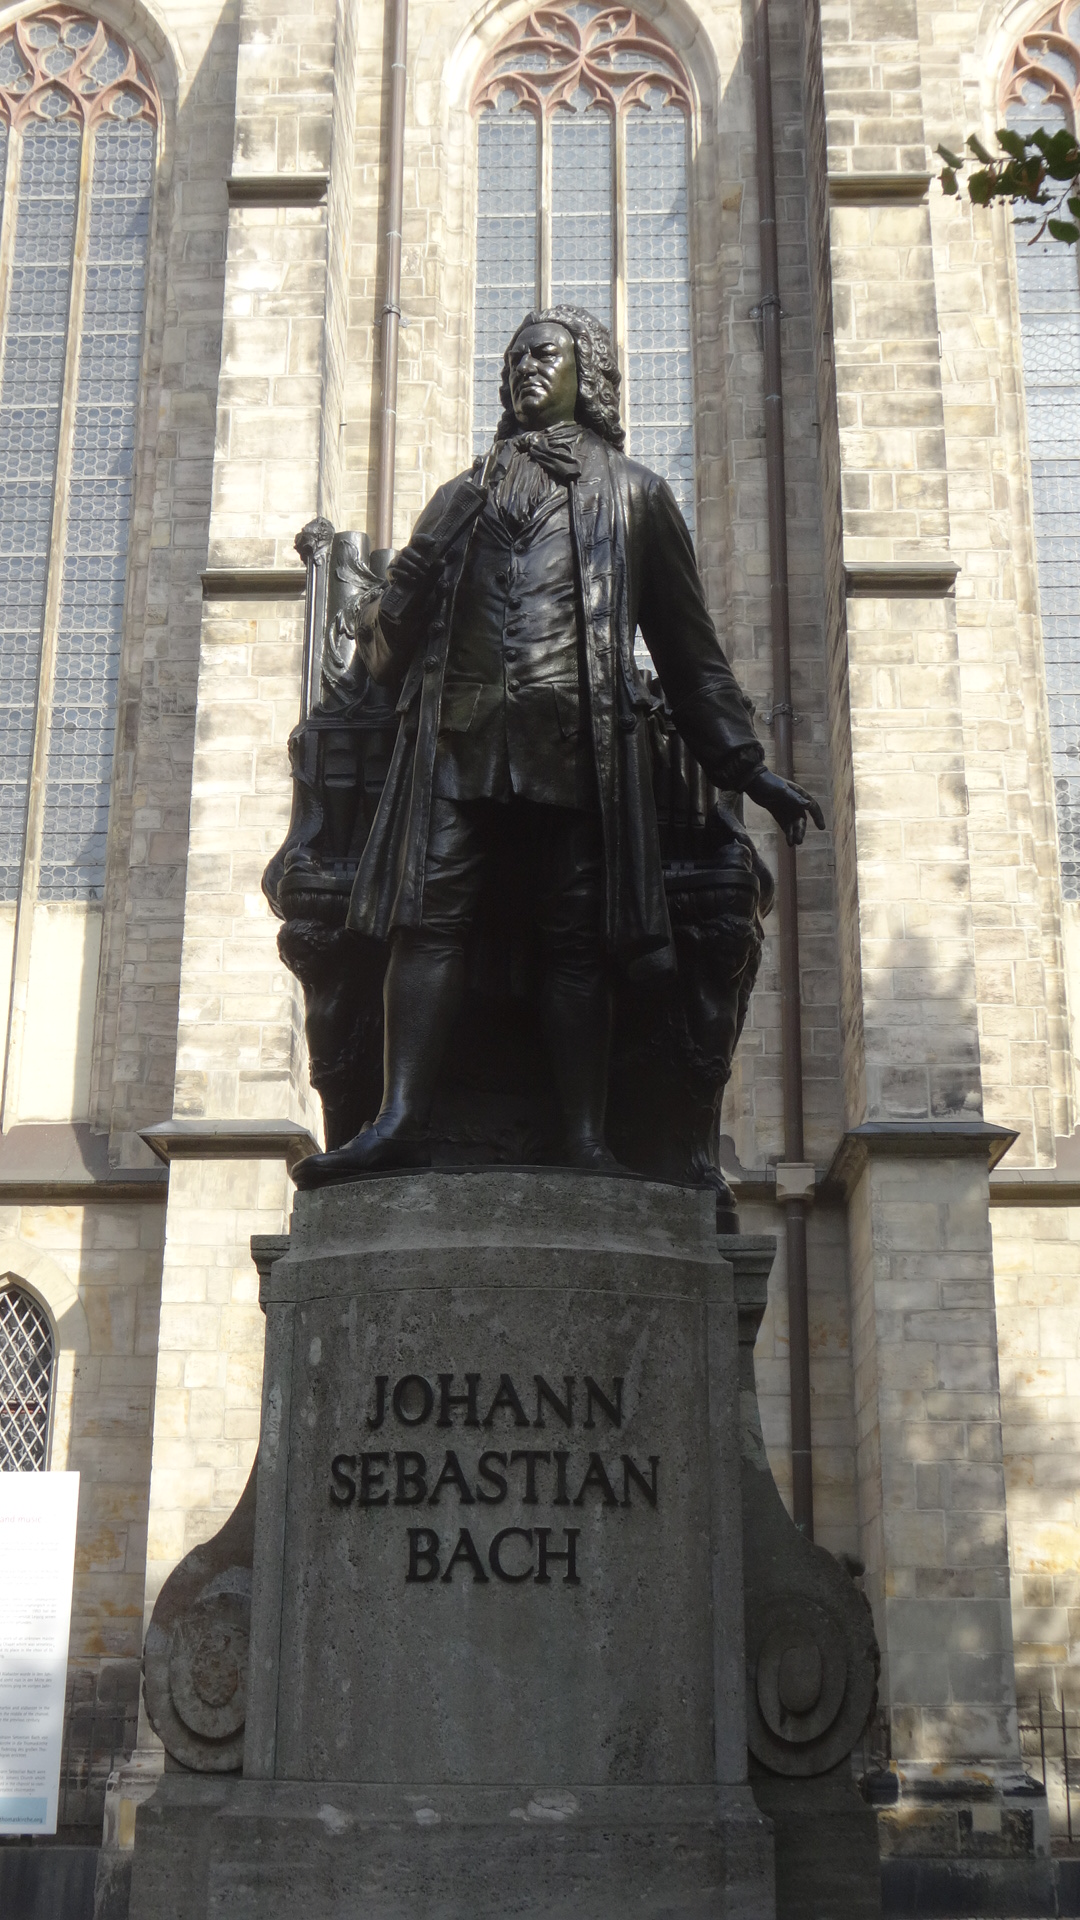 バッハの彫像